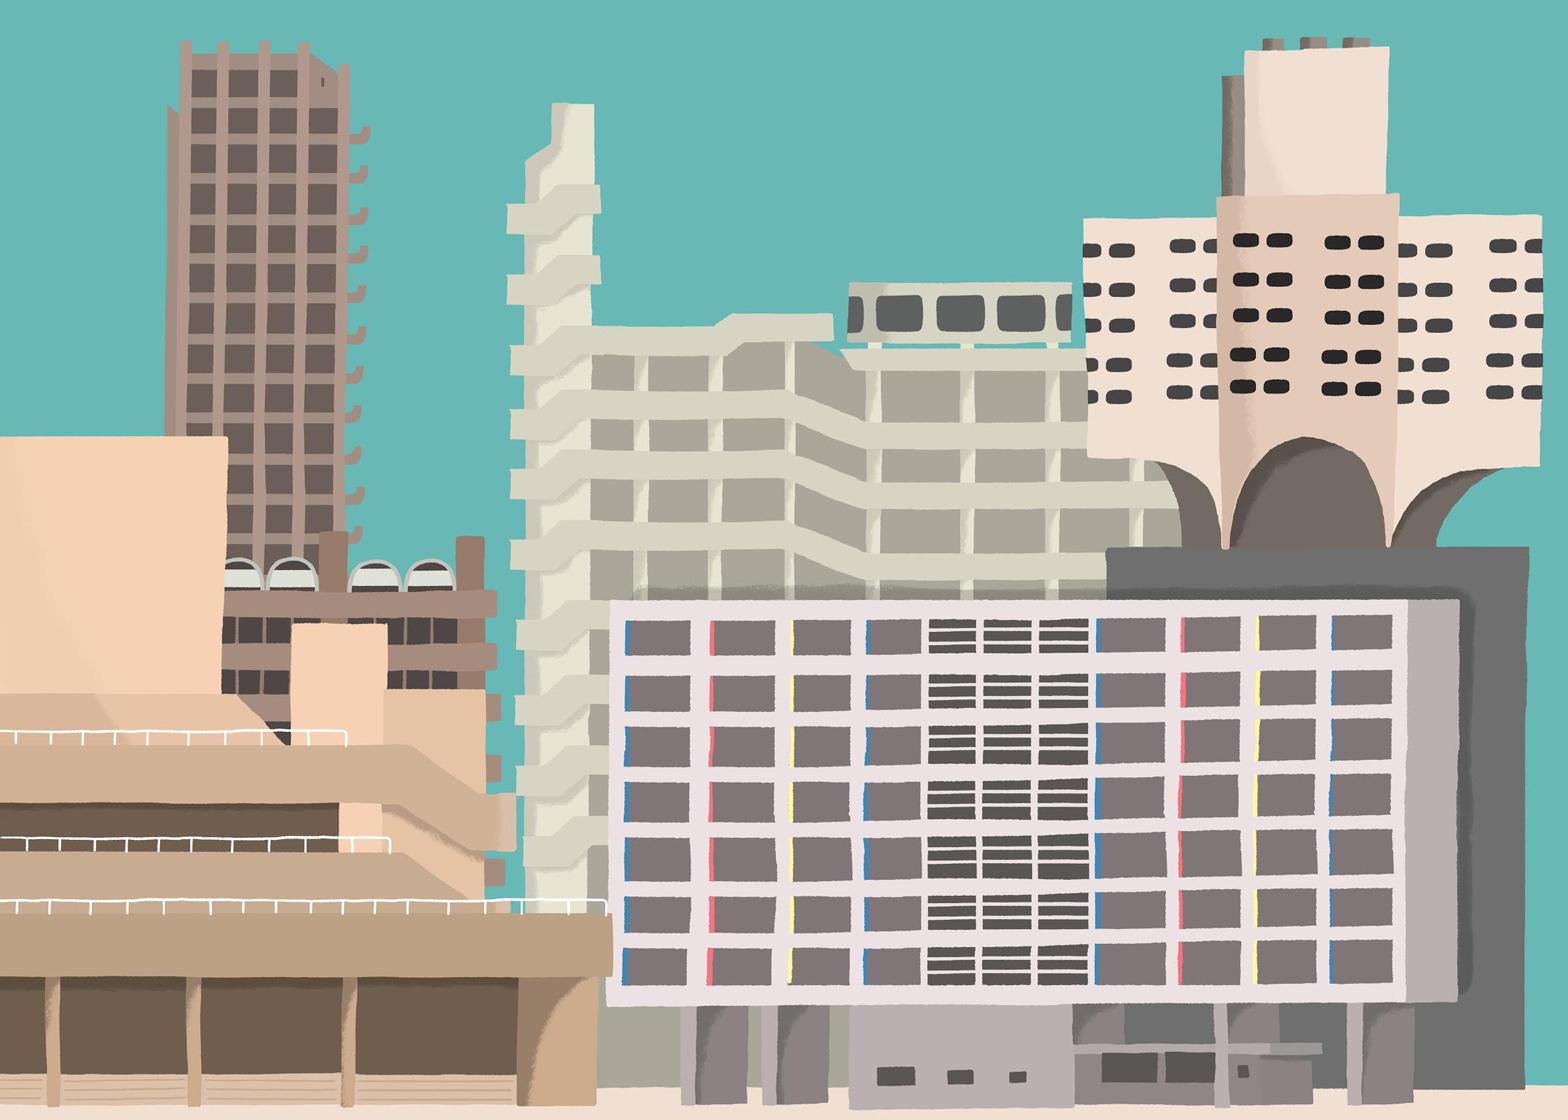 Brutalism illustration by Daniel Frost 784